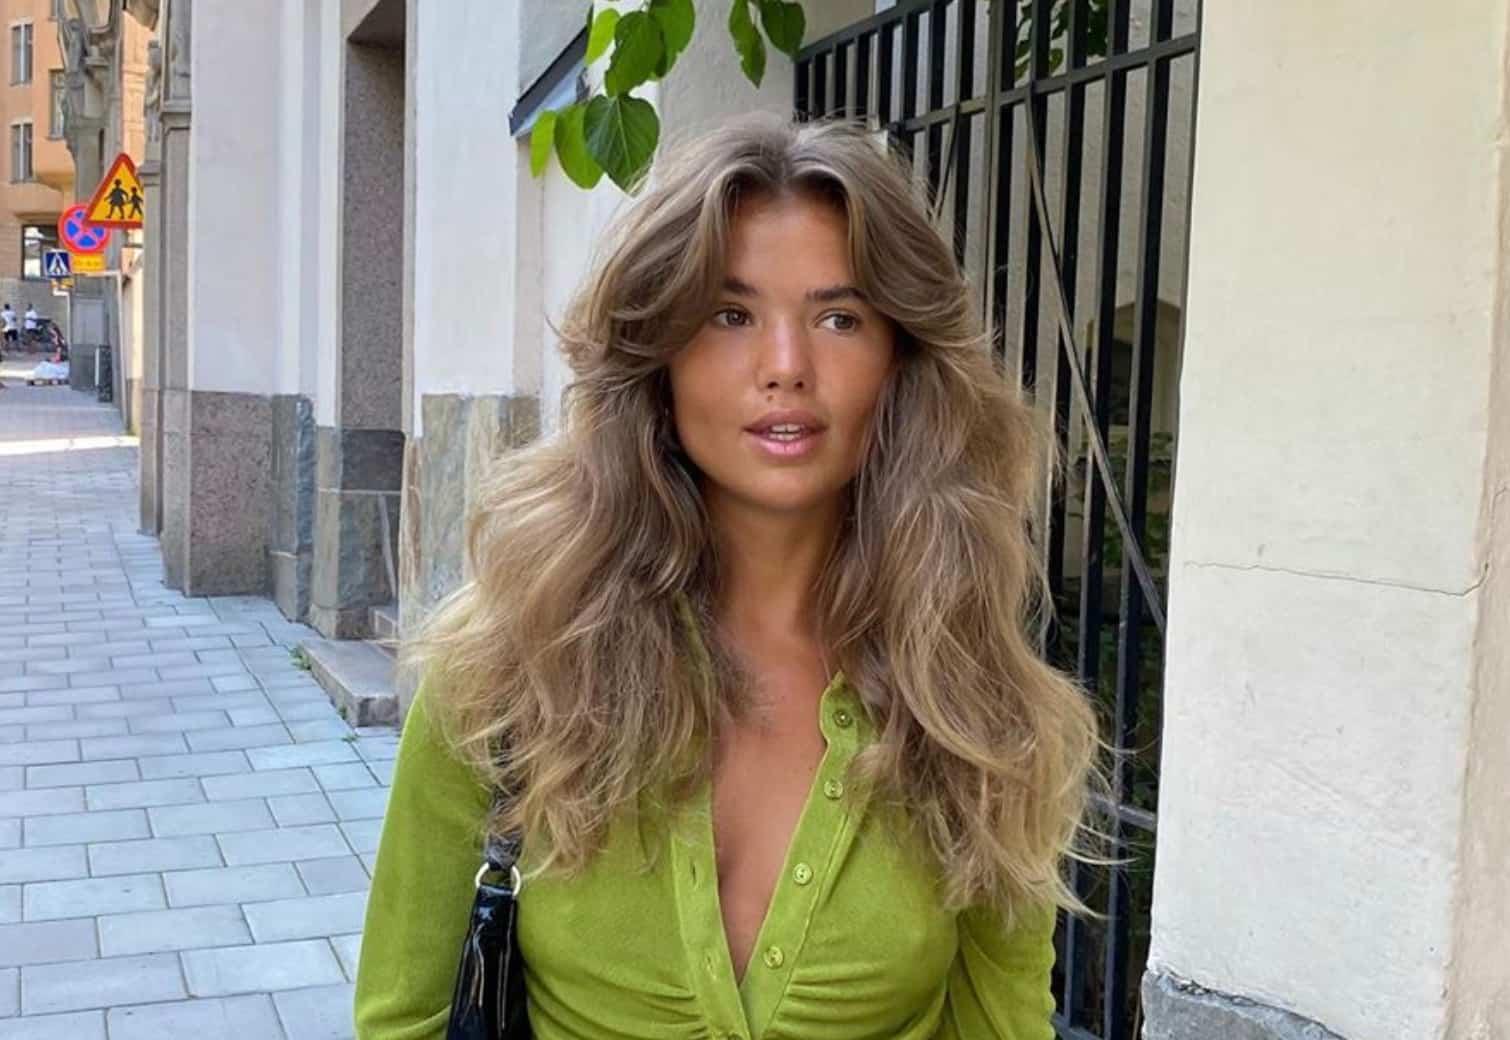 Les Coupes De Cheveux Les Plus Tendance De L Automne 2020 Clin D œil